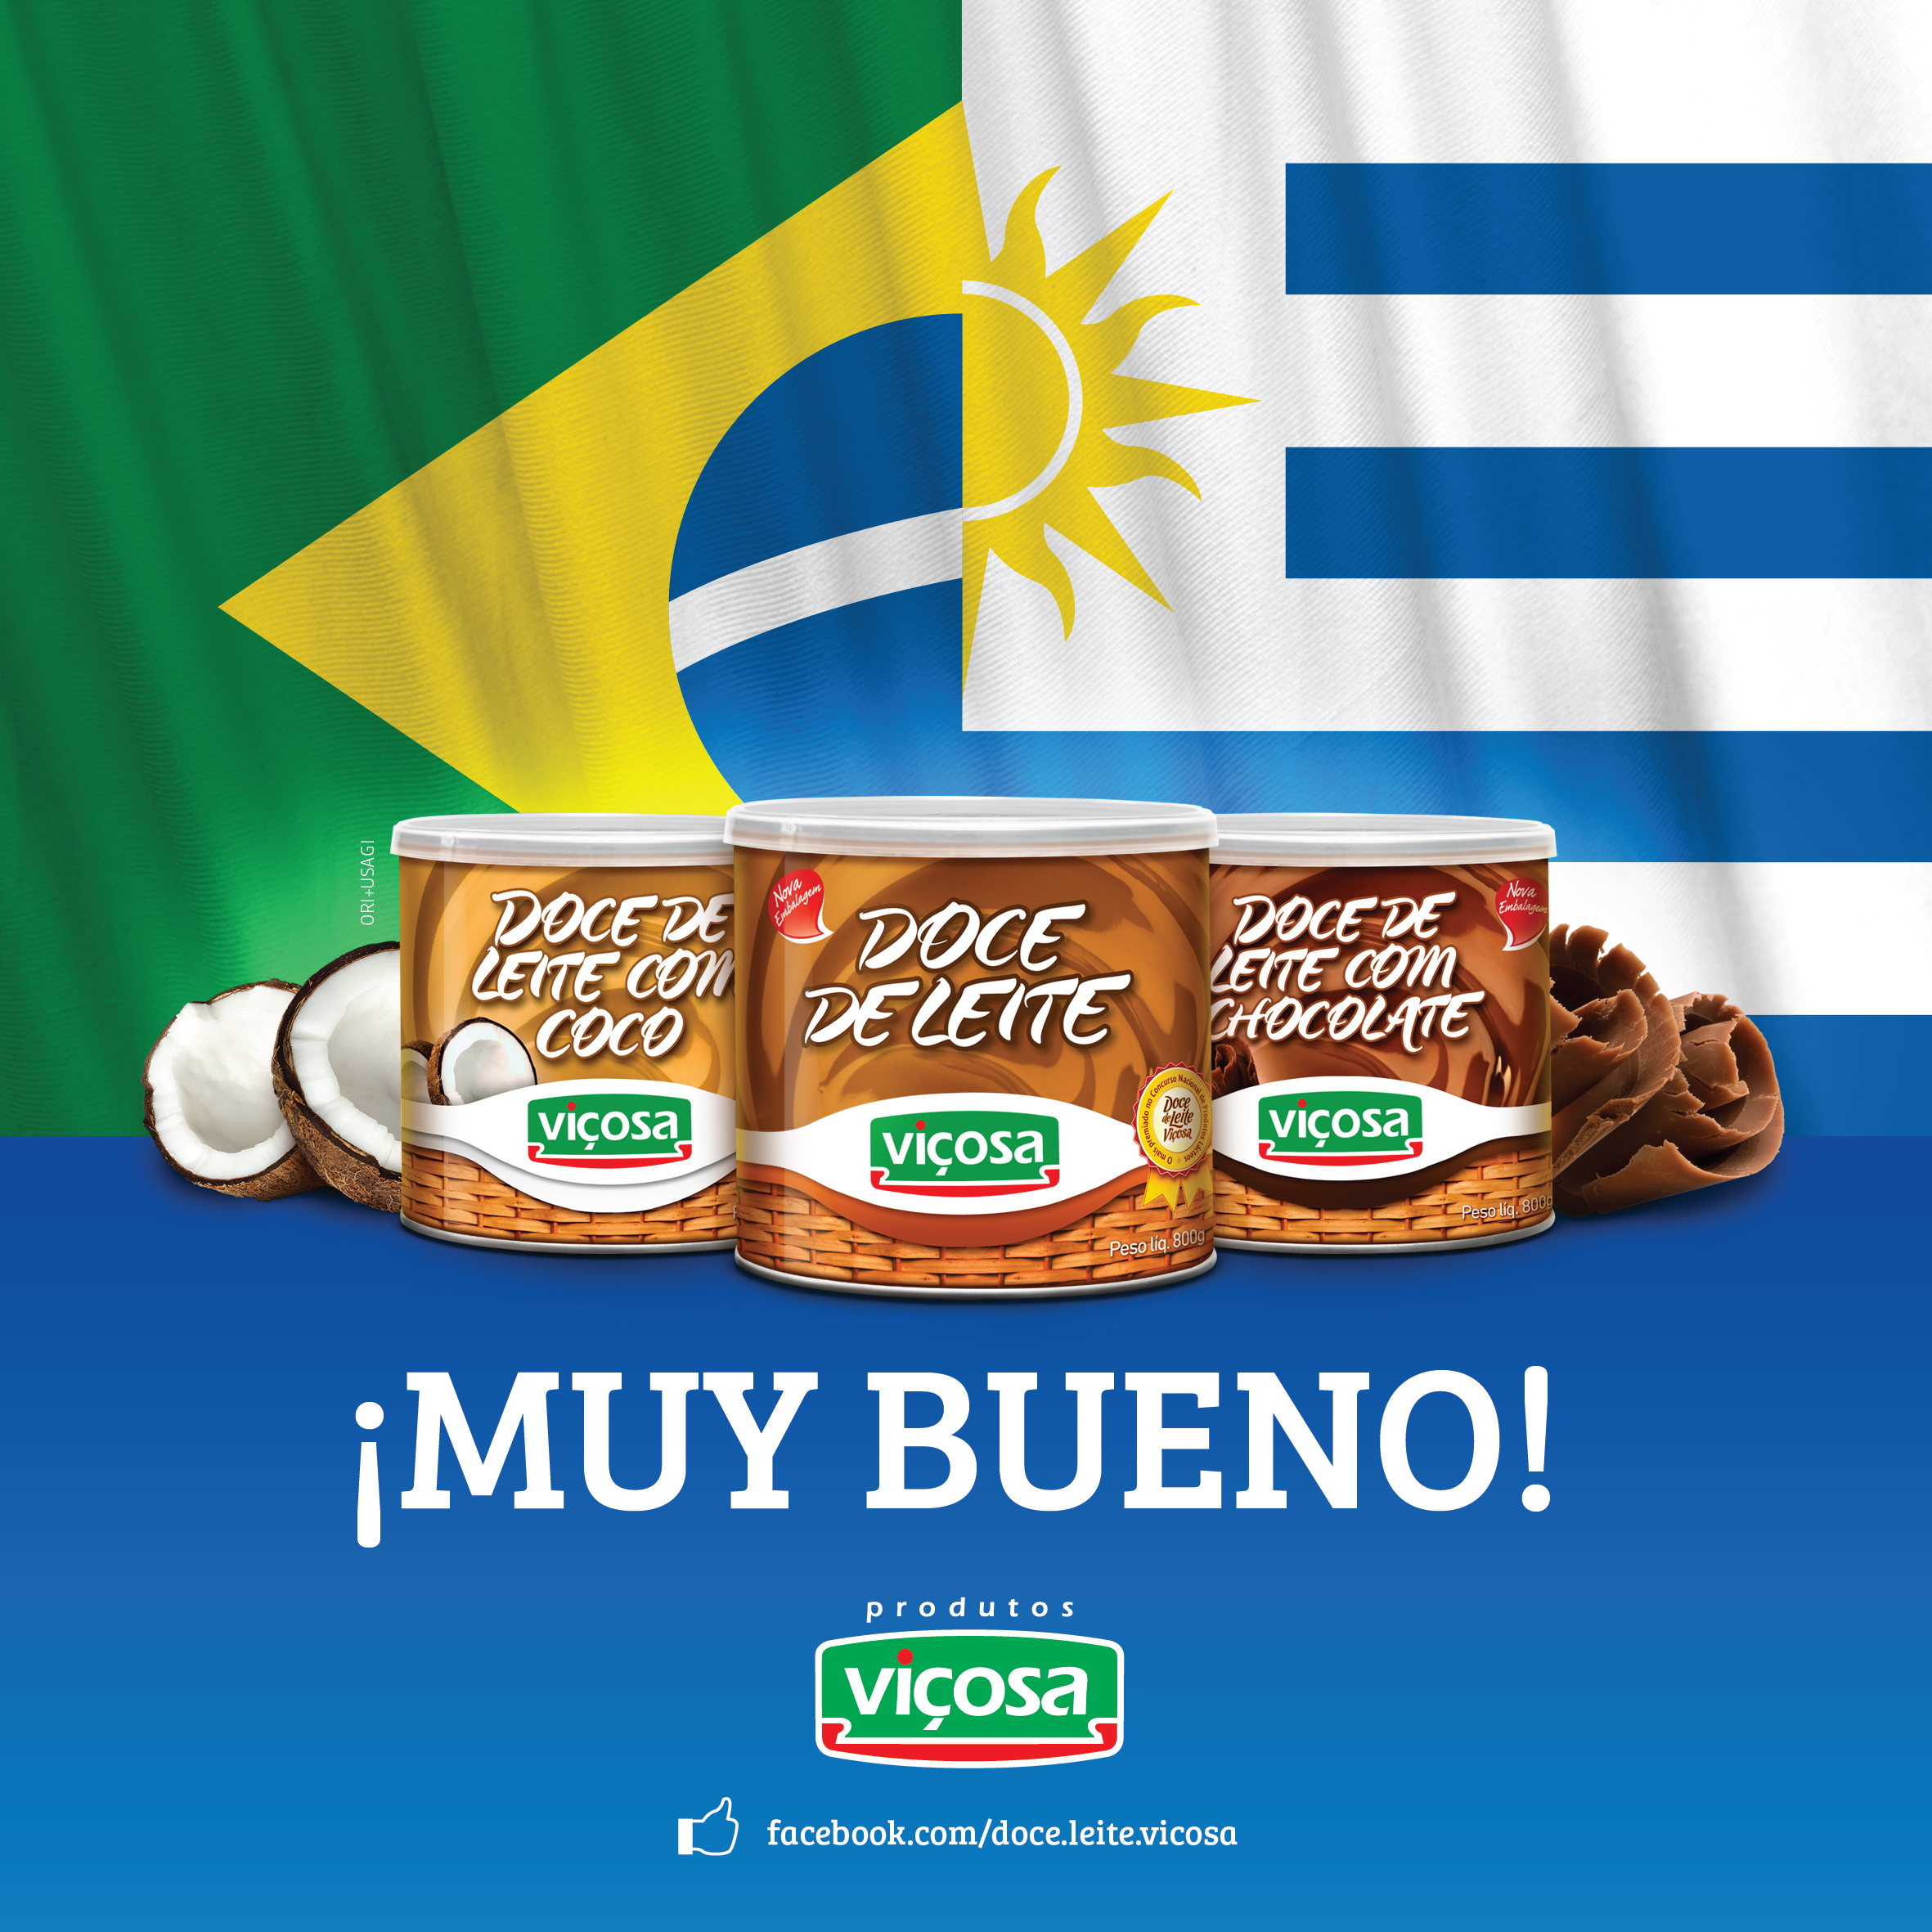 Flyer-Doce-de-leite-Viçosa-Copa-do-Mundo-Ação-Uruguai-pós-jogo-01